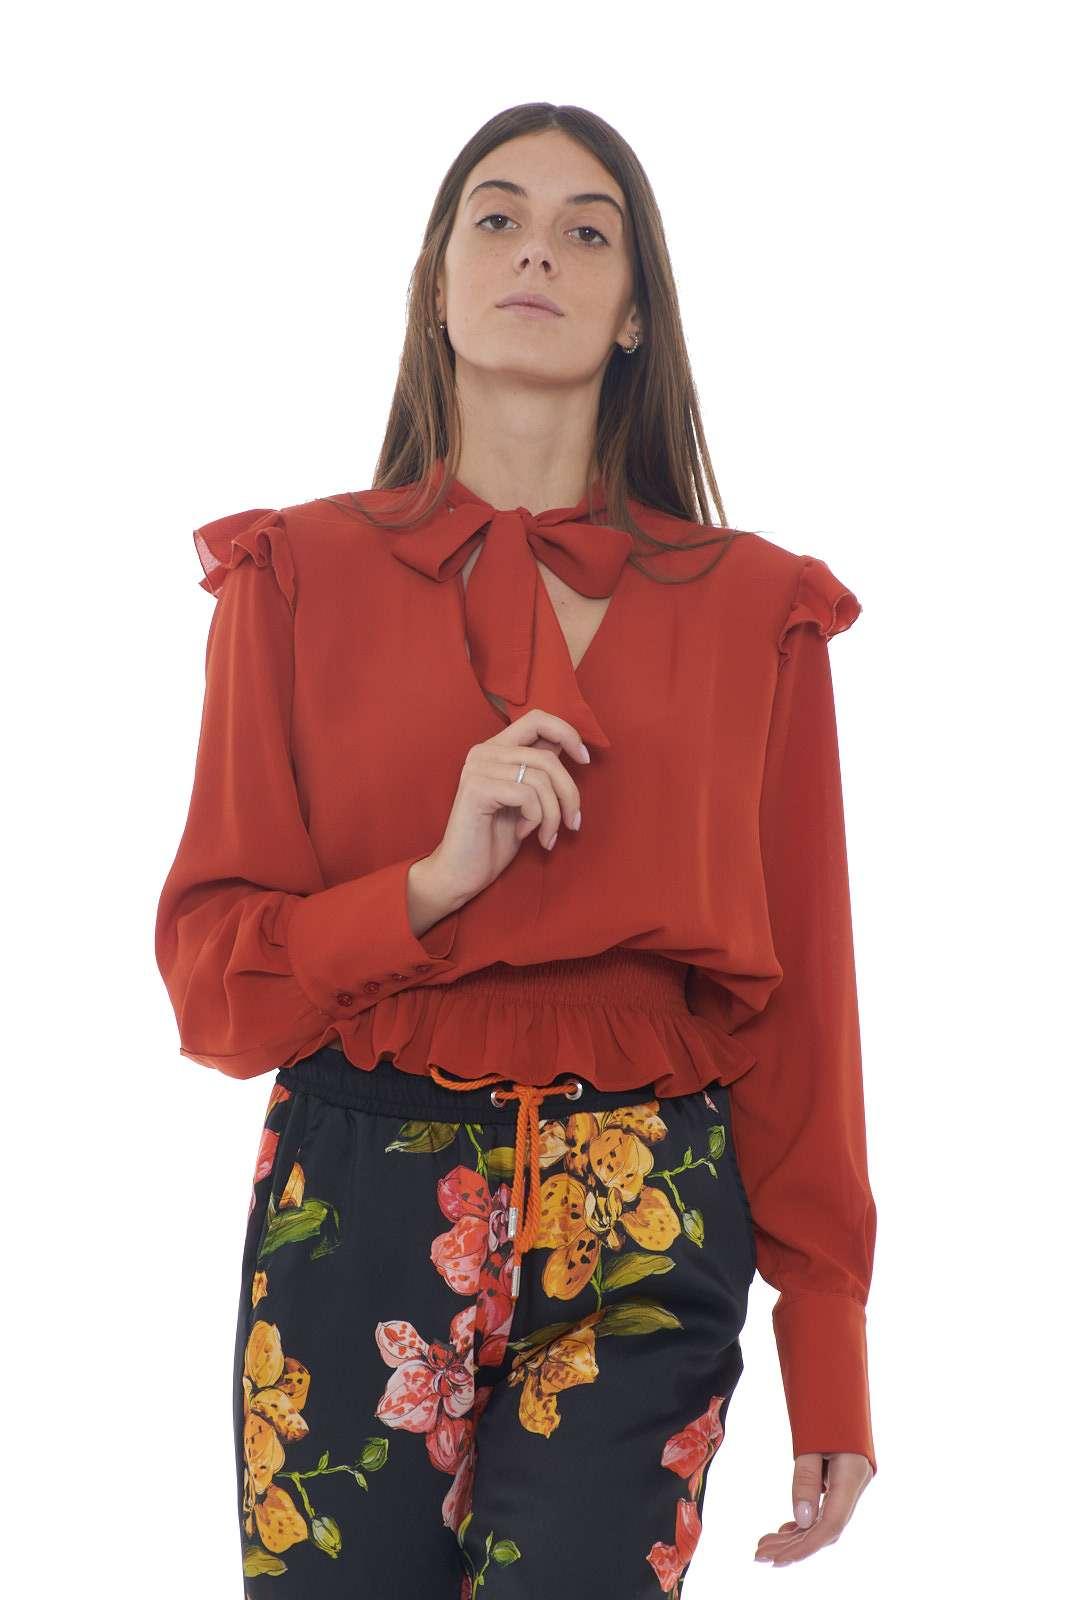 Semplice, formale e femminile la blusa proposta da Annarita N. Perfetta per l'ufficio, e le occasioni eleganti, dove se abbinata ad un pantalone darà vita ad un outfit semplice, e allo stesso tempo distinto. La modella è alta 1.77m e indossa la taglia 42.